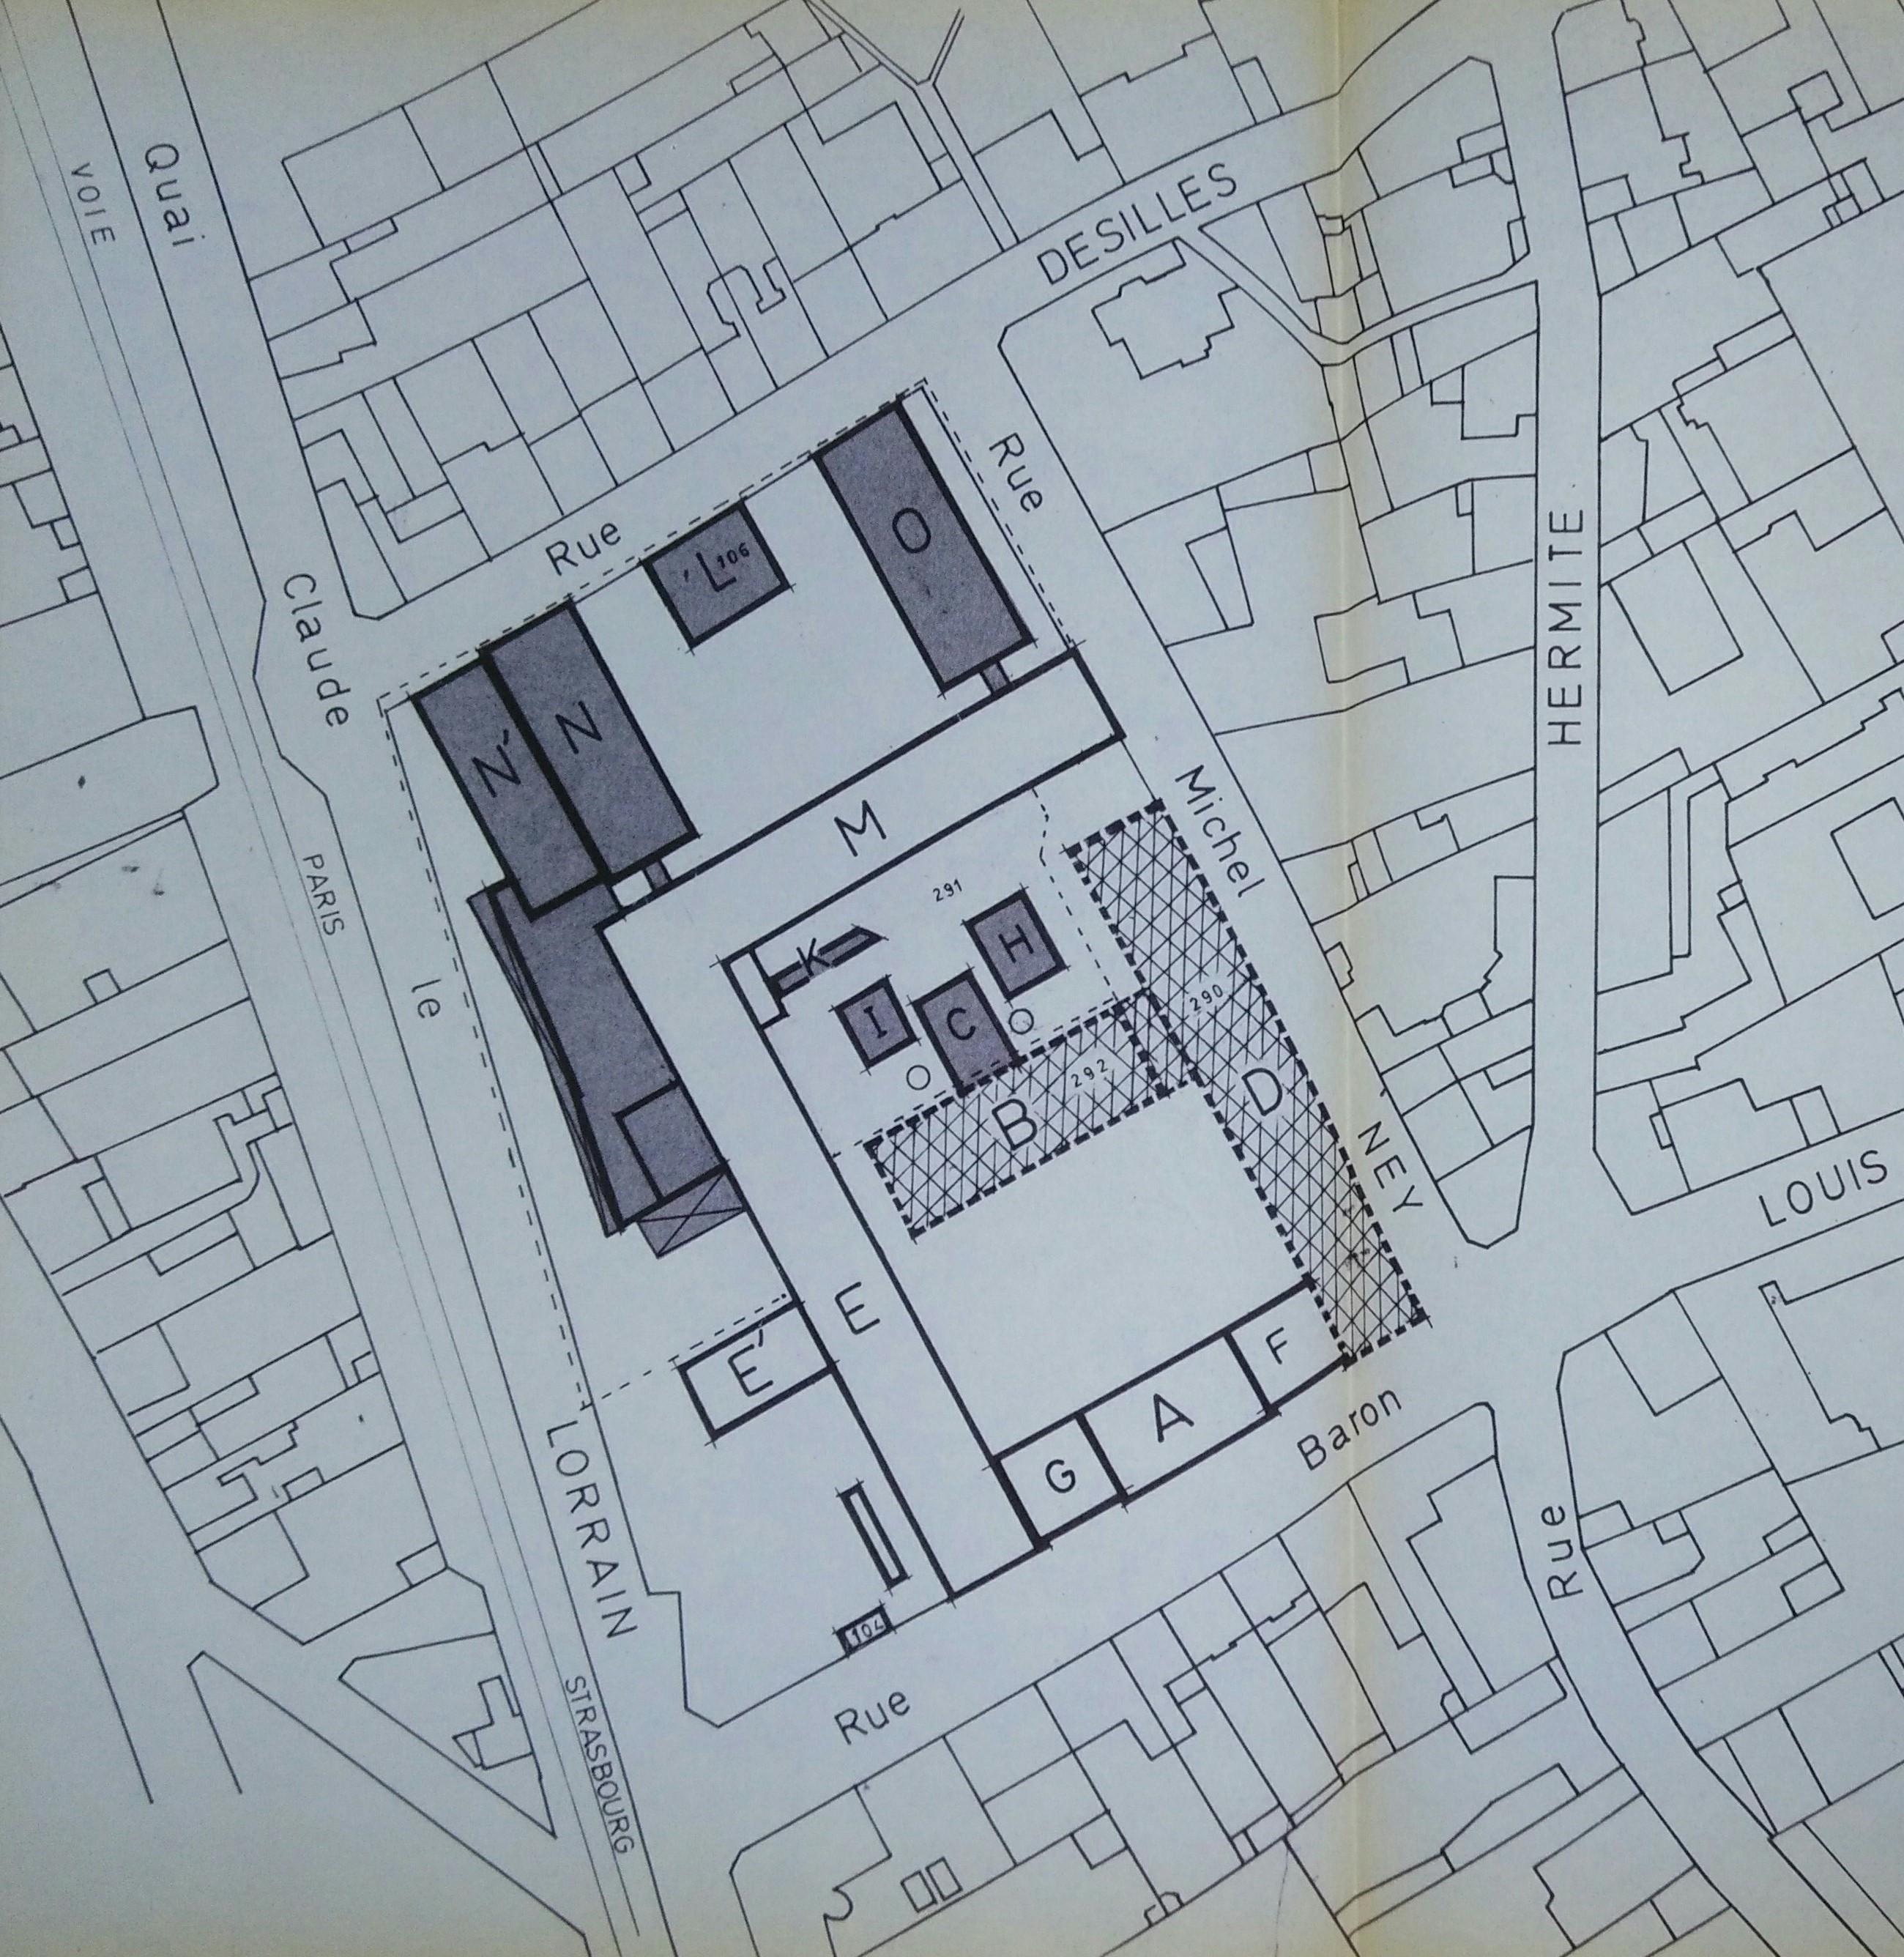 Plan de masse de maison free plan de masse situe mm de la place du capitole fontenilles offre - Plan de masse et plan de situation ...